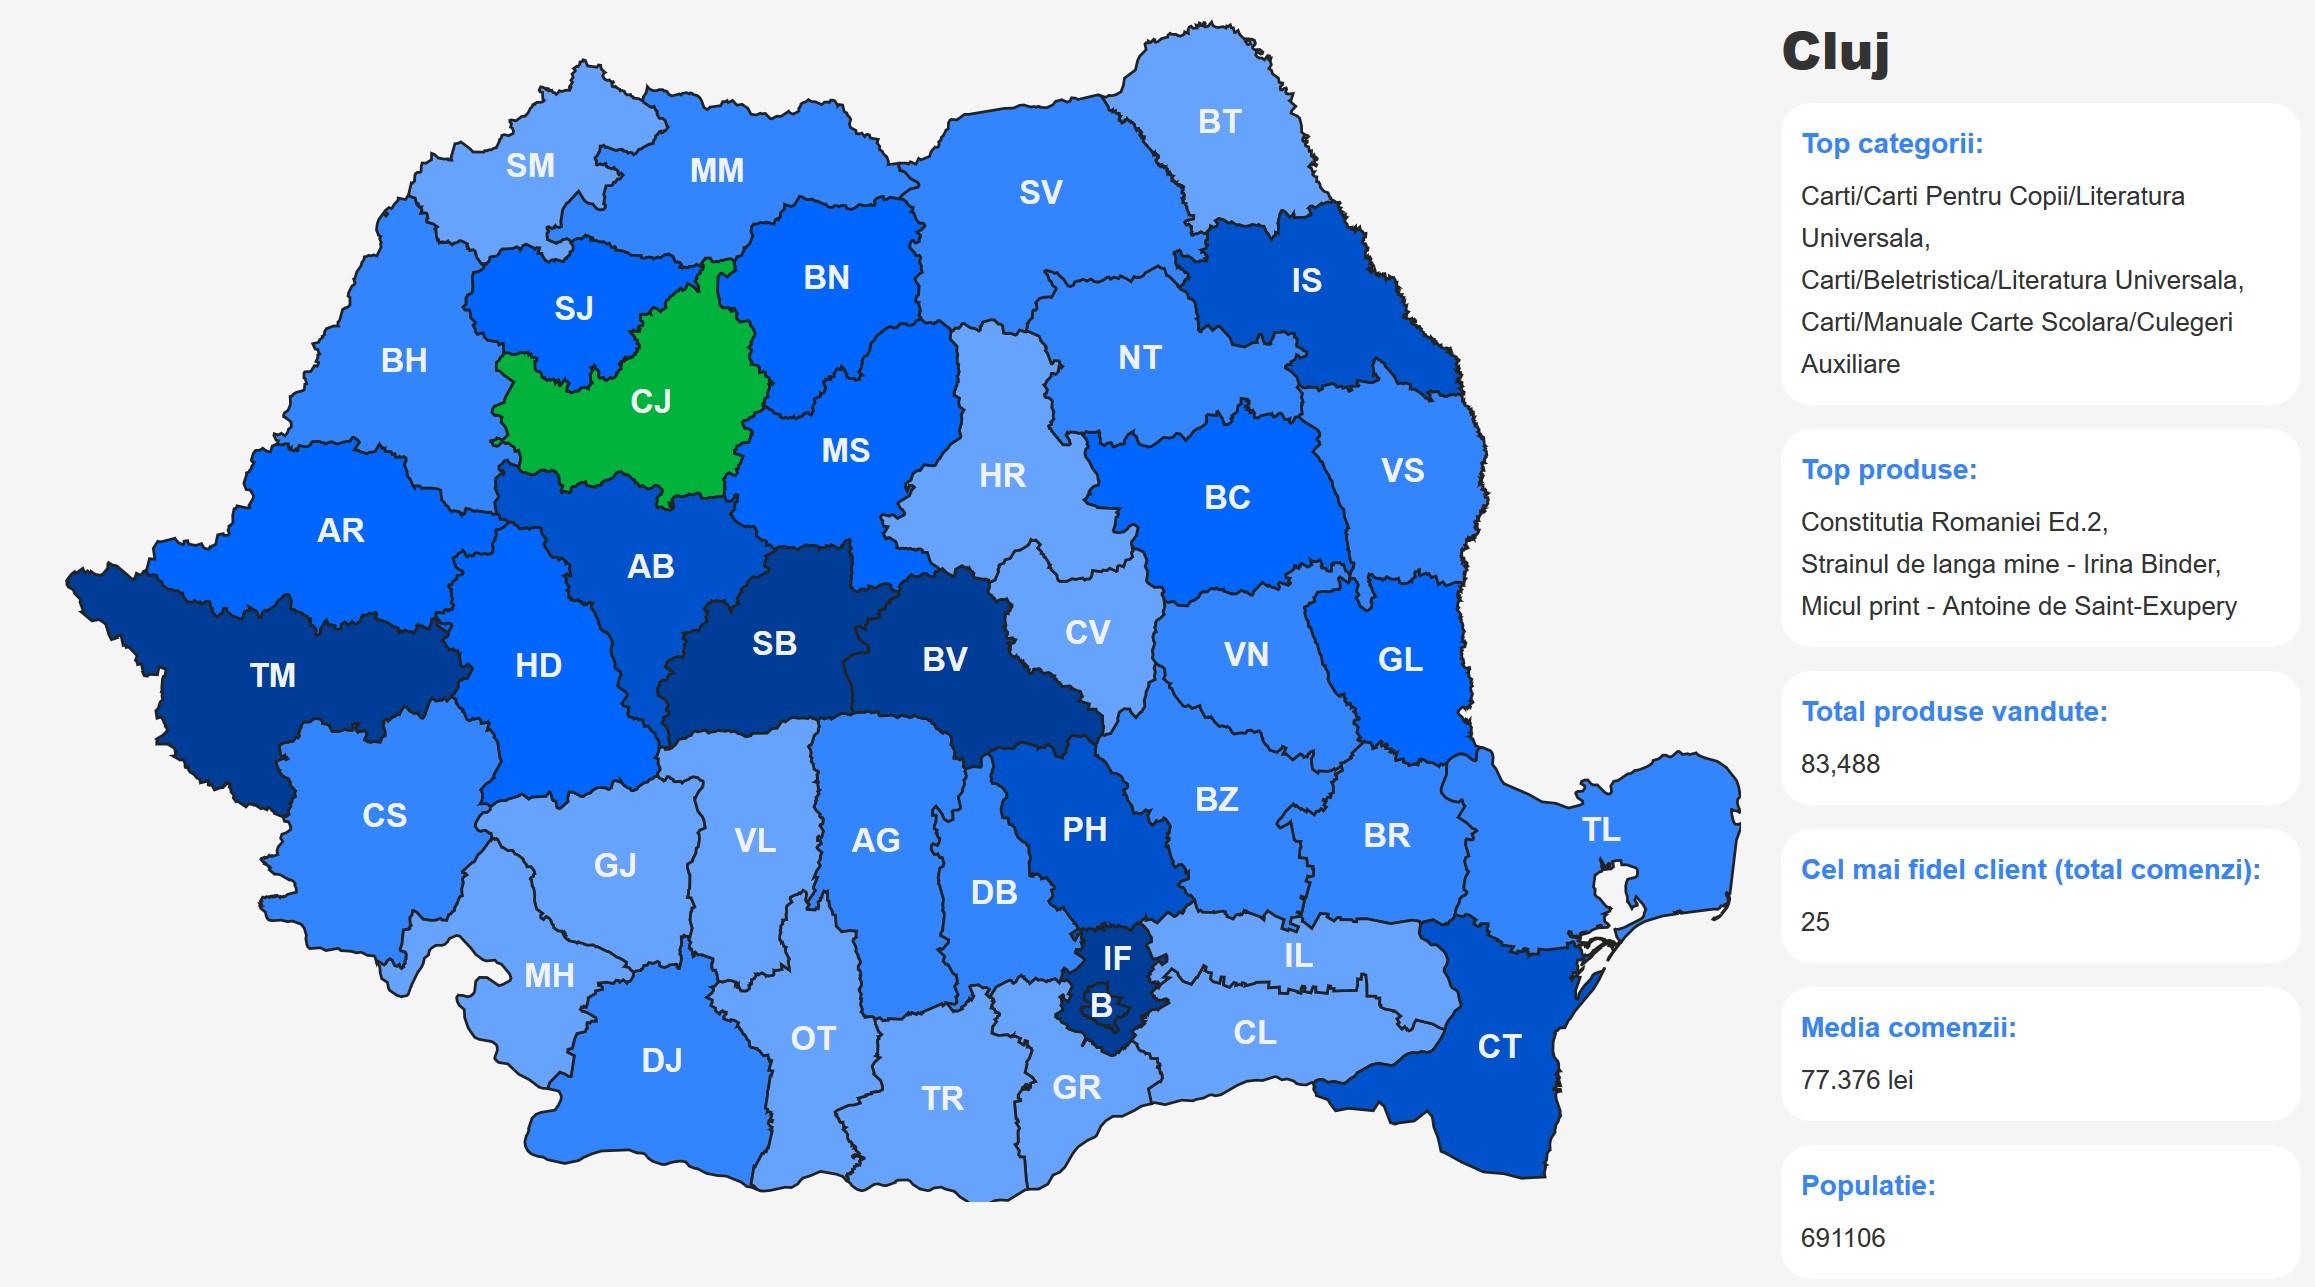 Harta Romaniei In Cărți Citite Europa Fm